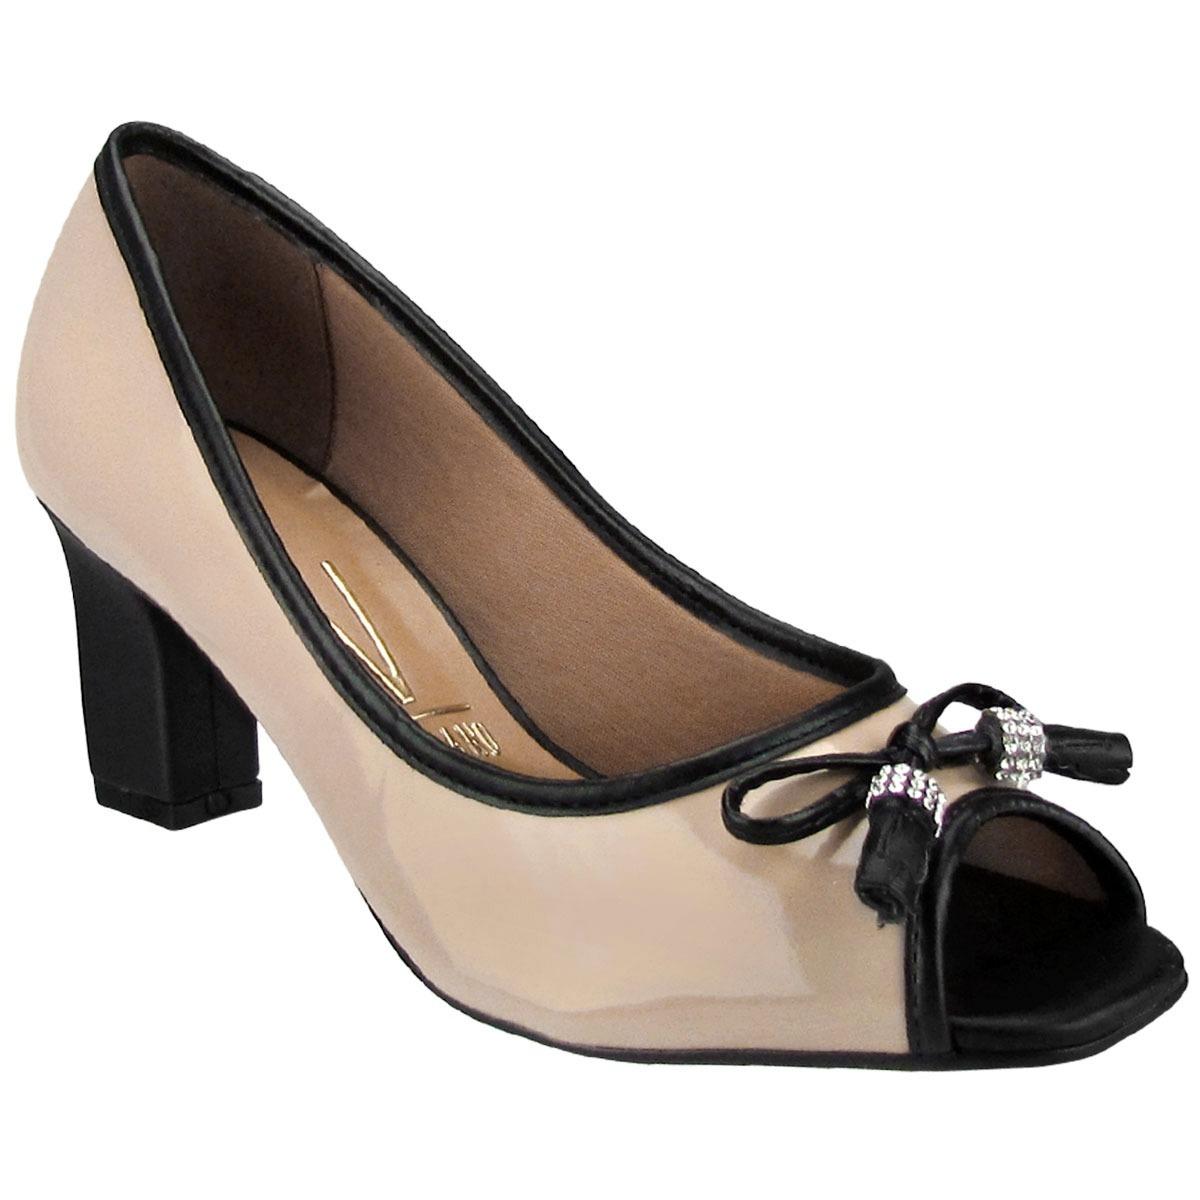 a7e45c27cb sapato peep toe feminino vizzano bege preto - 1818415. Carregando zoom.